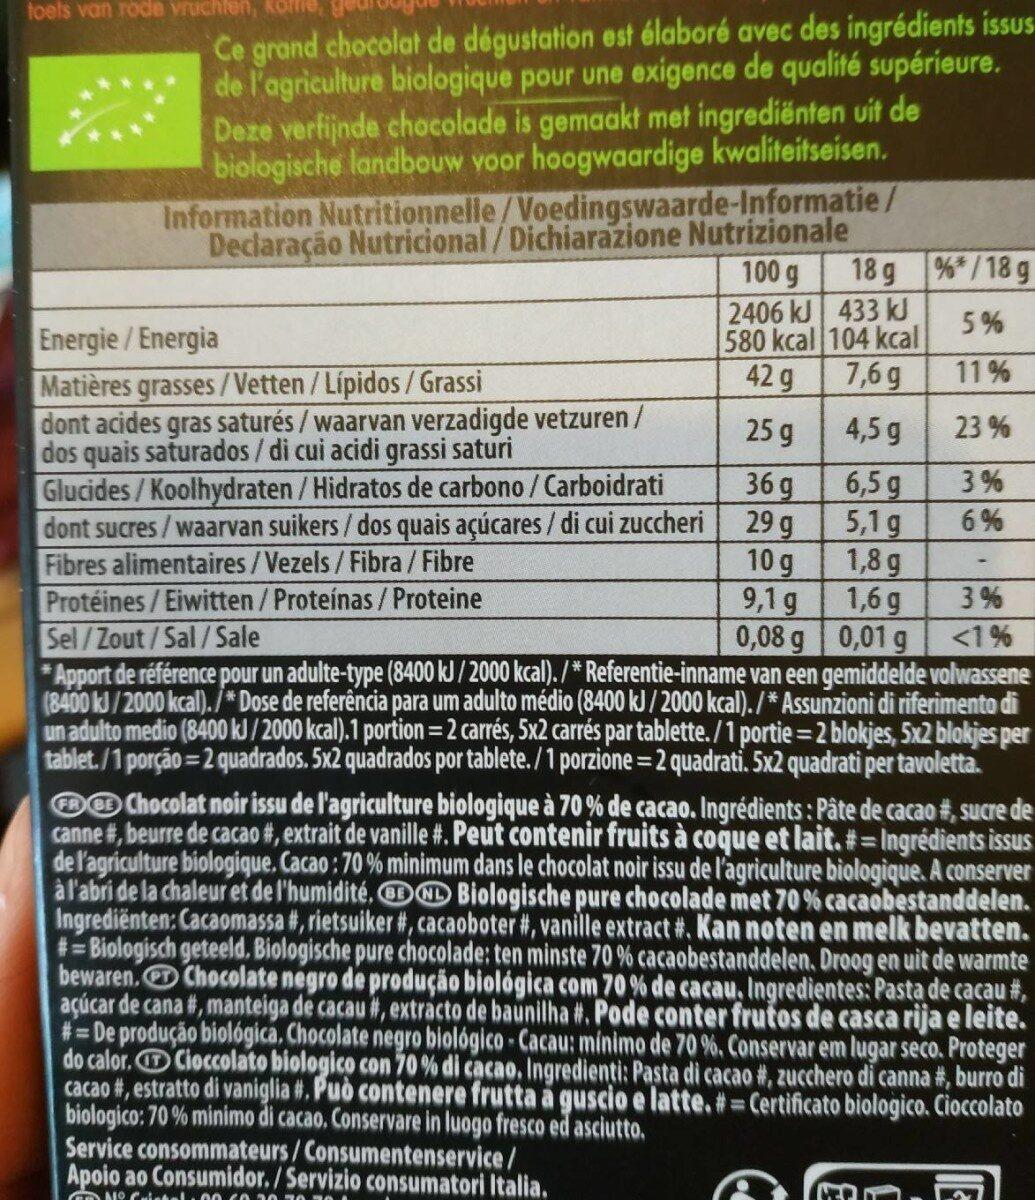 Bio Noir Fèves Rares Trinitario 70% de cacao - Nutrition facts - fr